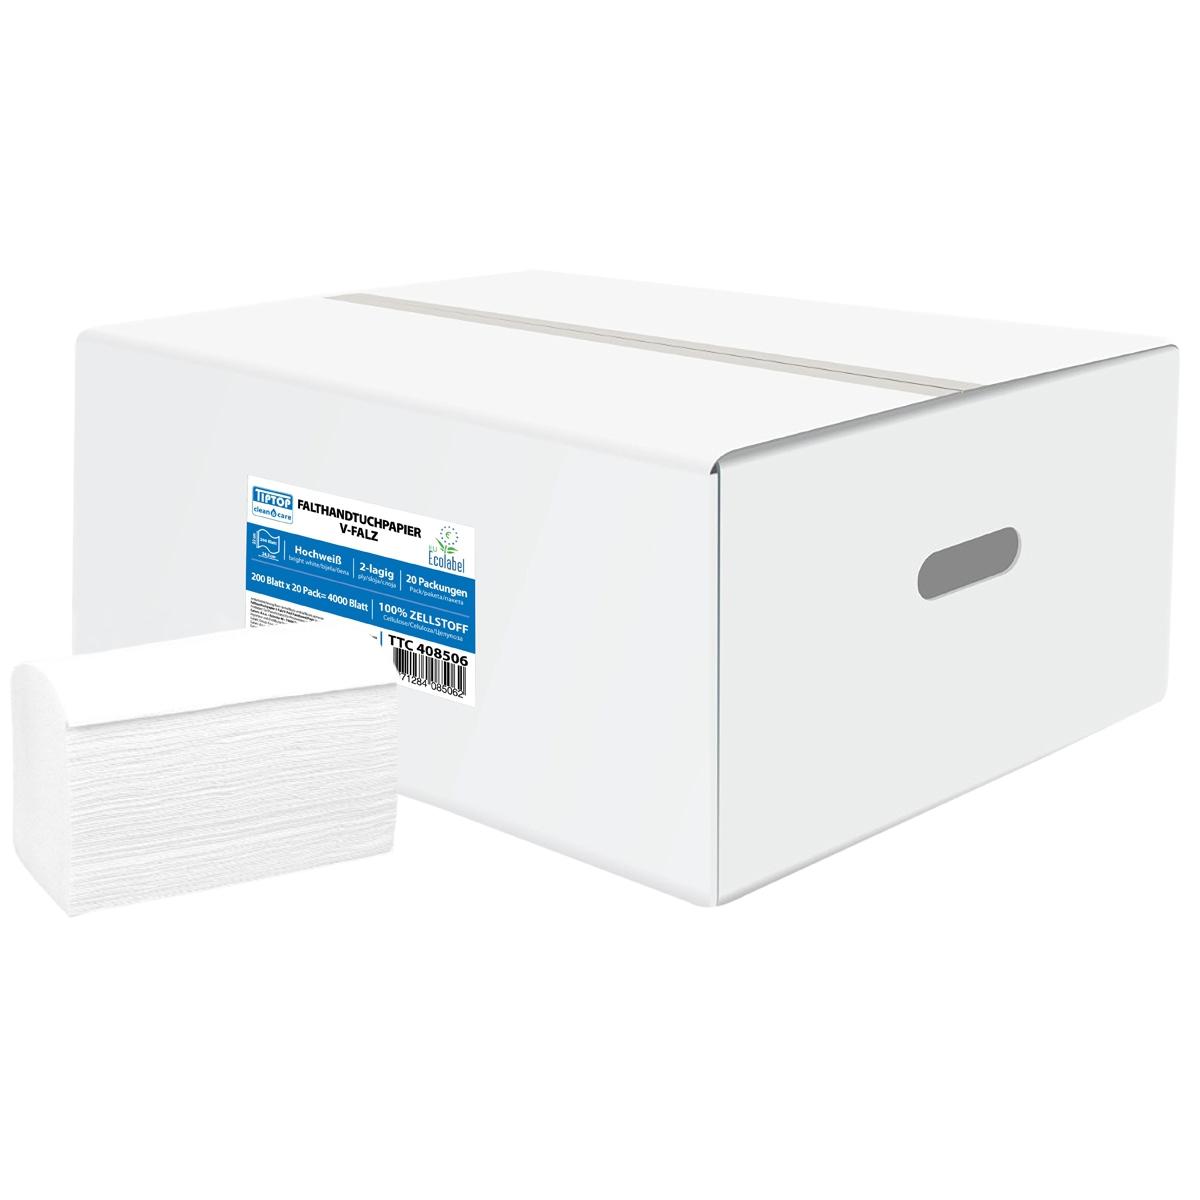 TTC Ubrus u listićima cik-cak, 24.3x22cm, 100% celuloza, 20×200. EU Ecolabel sertifikat